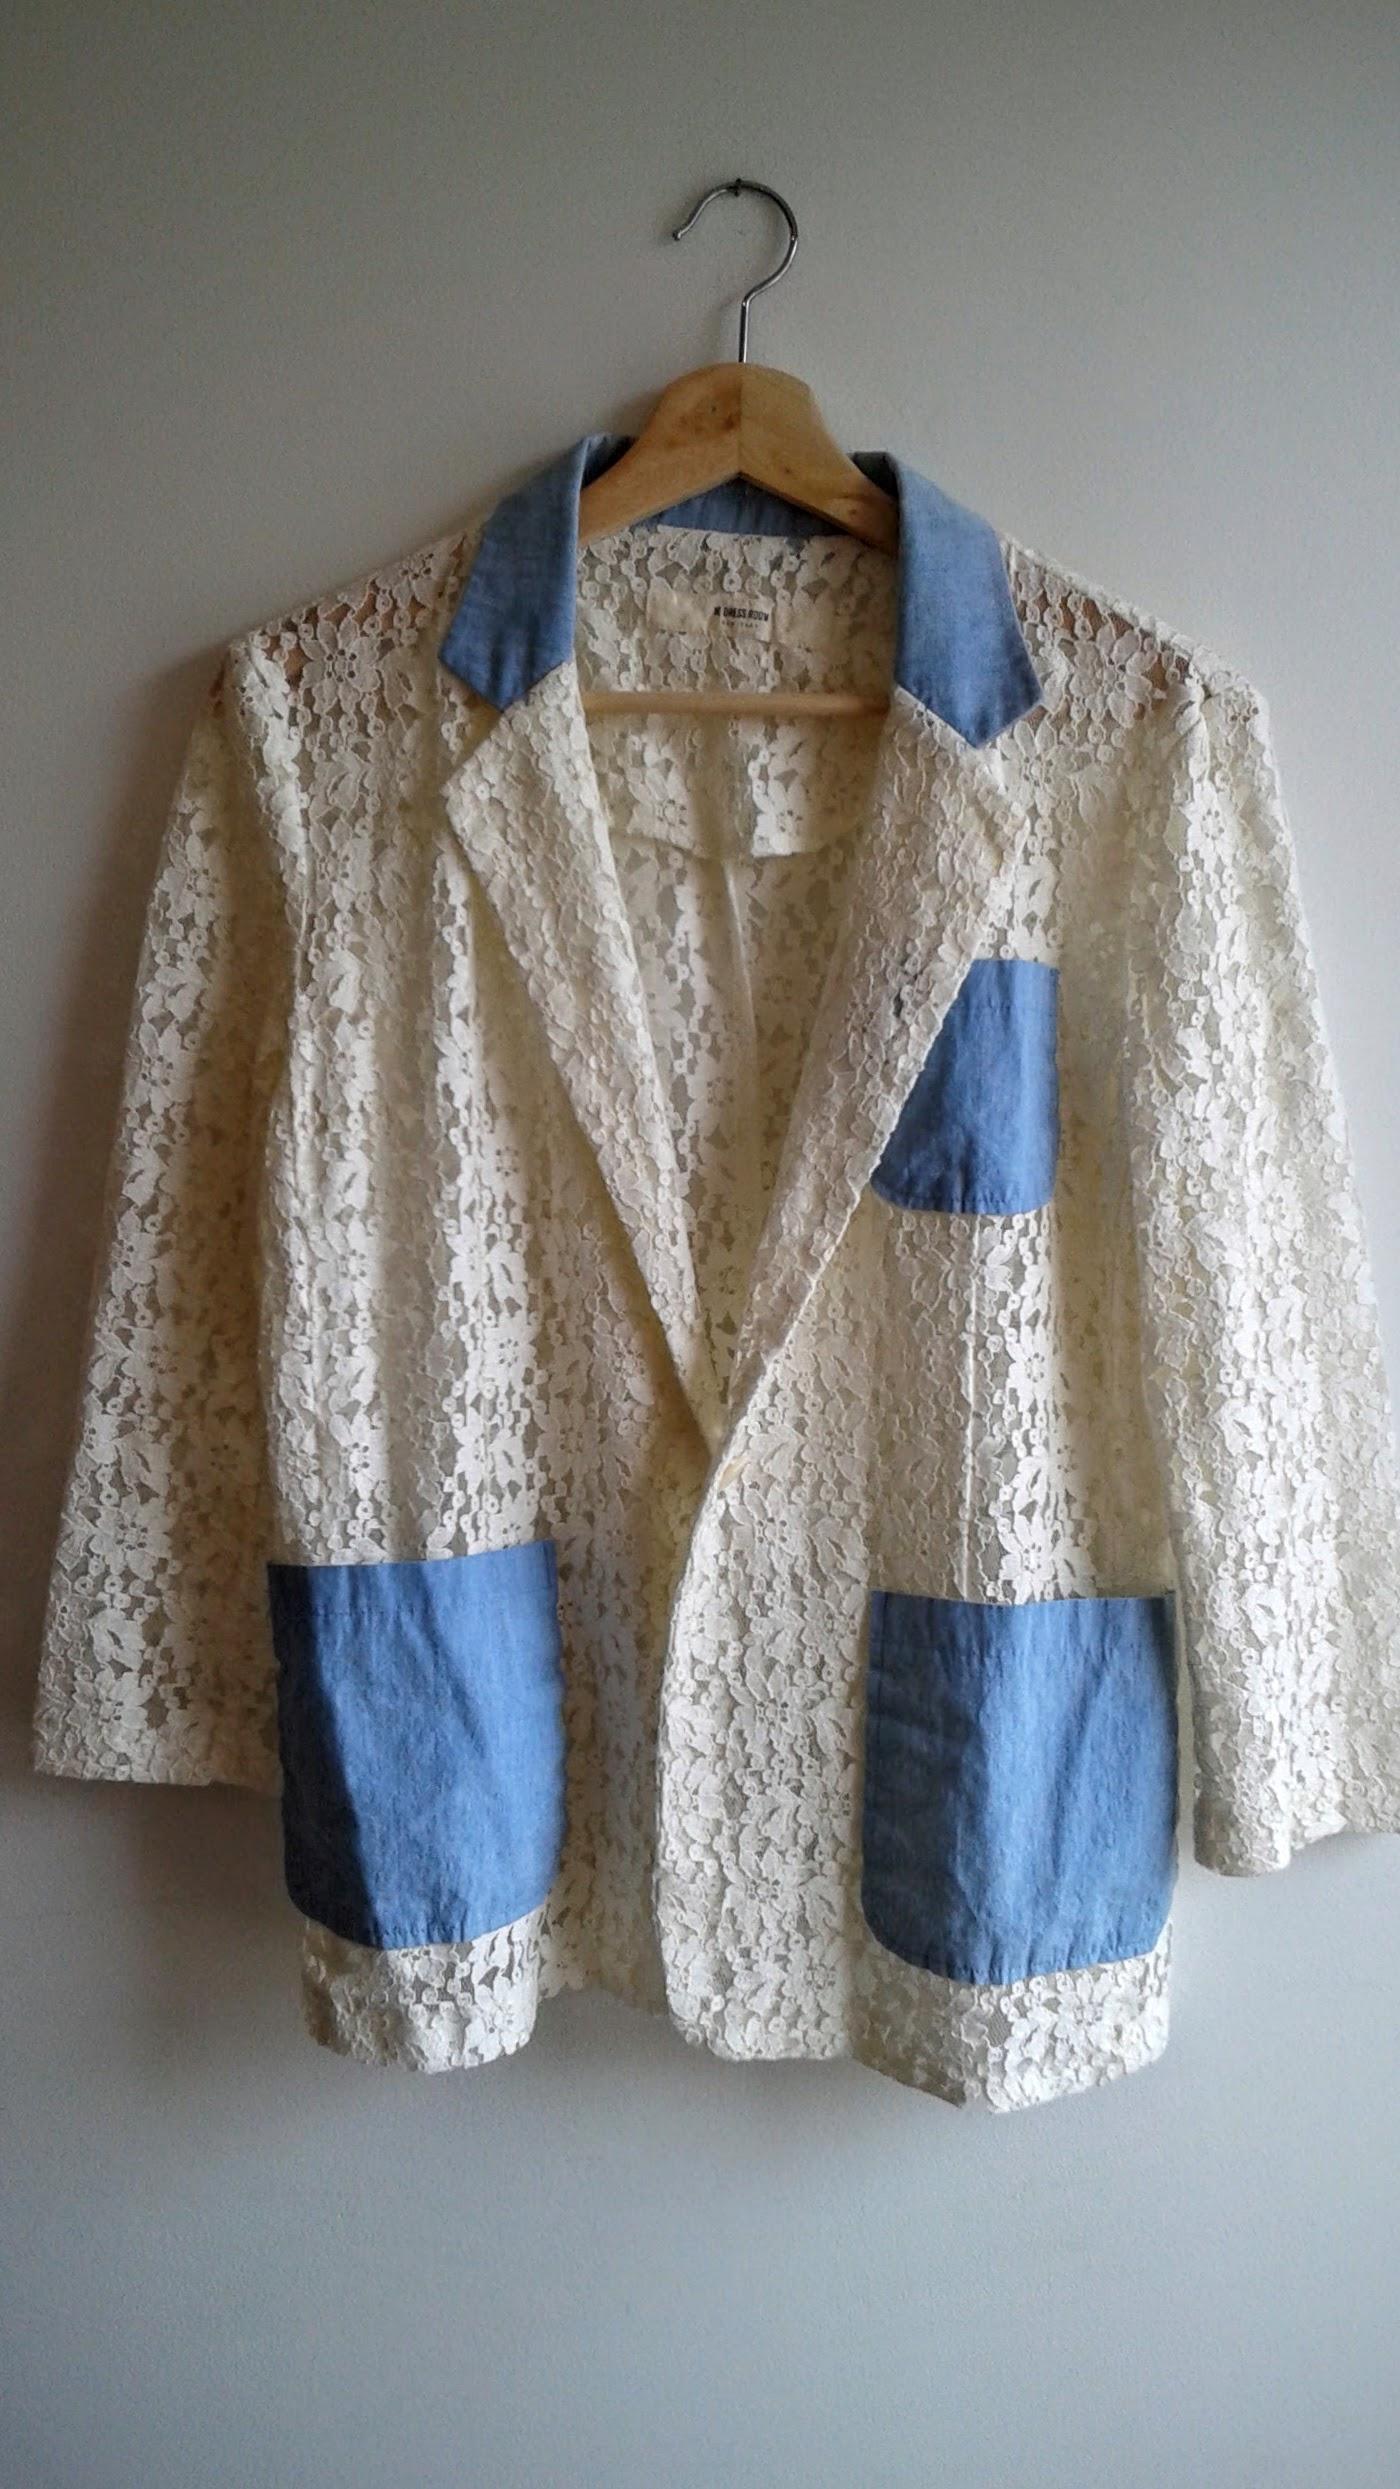 W. Dress Room  jacket; Size M, $30